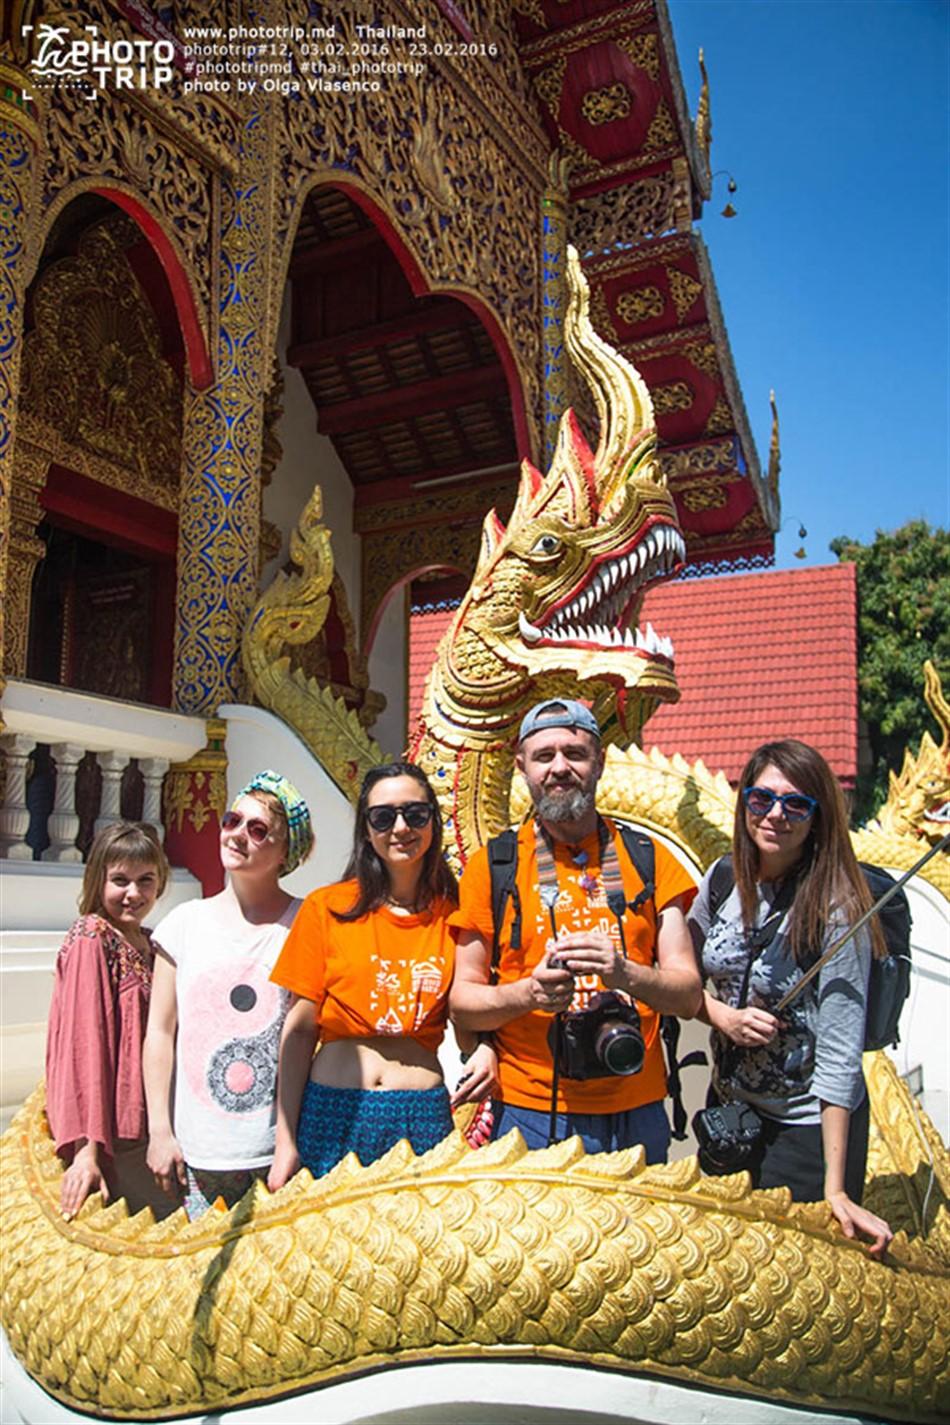 thailand2016_part3_066_950x1425 (1)